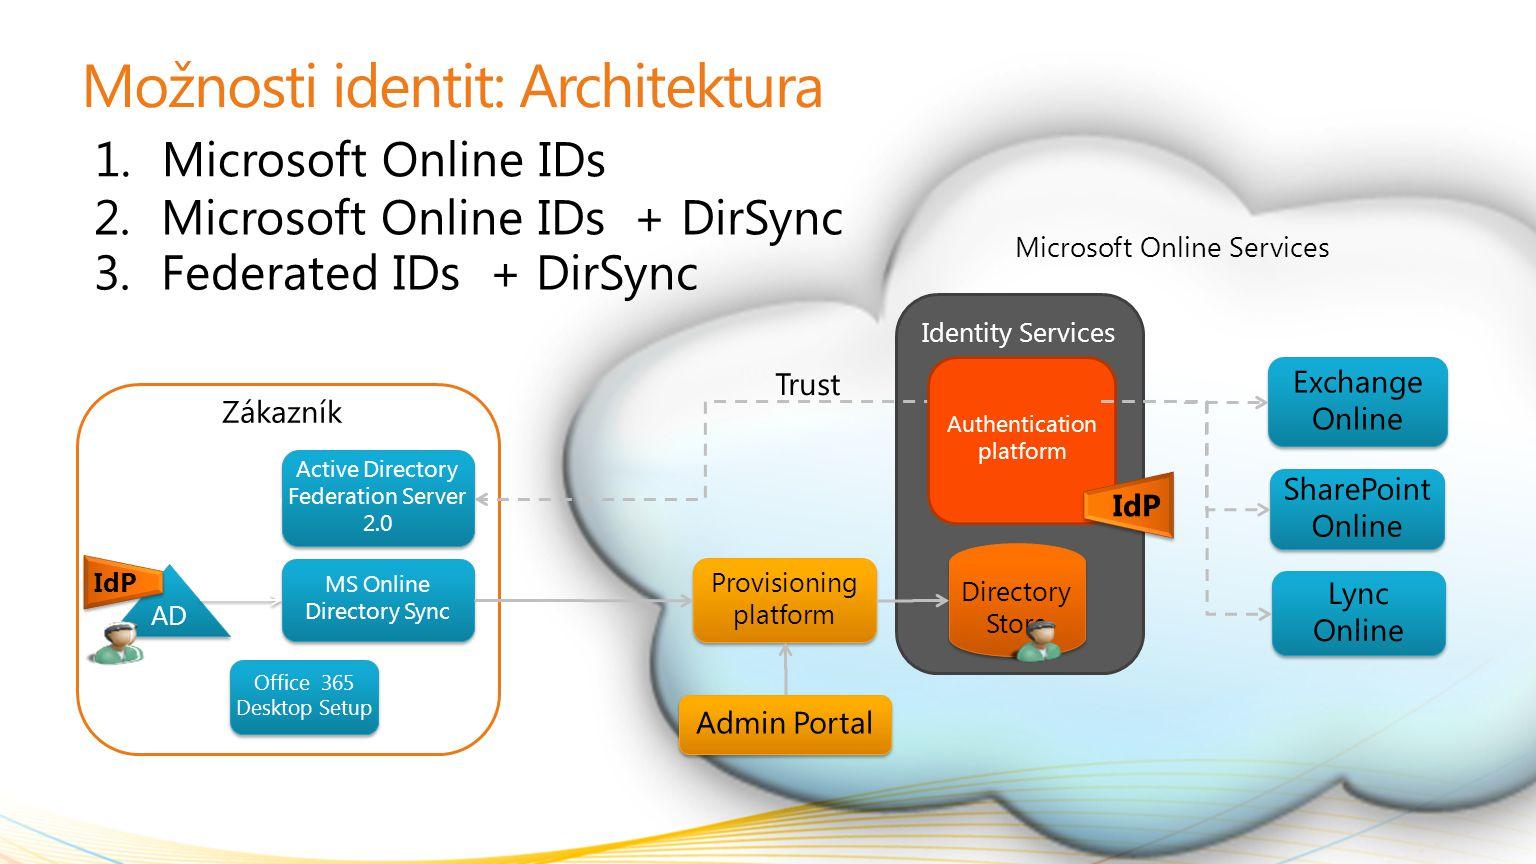 Zákazník Možnosti identit: Architektura 1. Microsoft Online IDs AD MS Online Directory Sync Identity Services Provisioning platform Provisioning platf